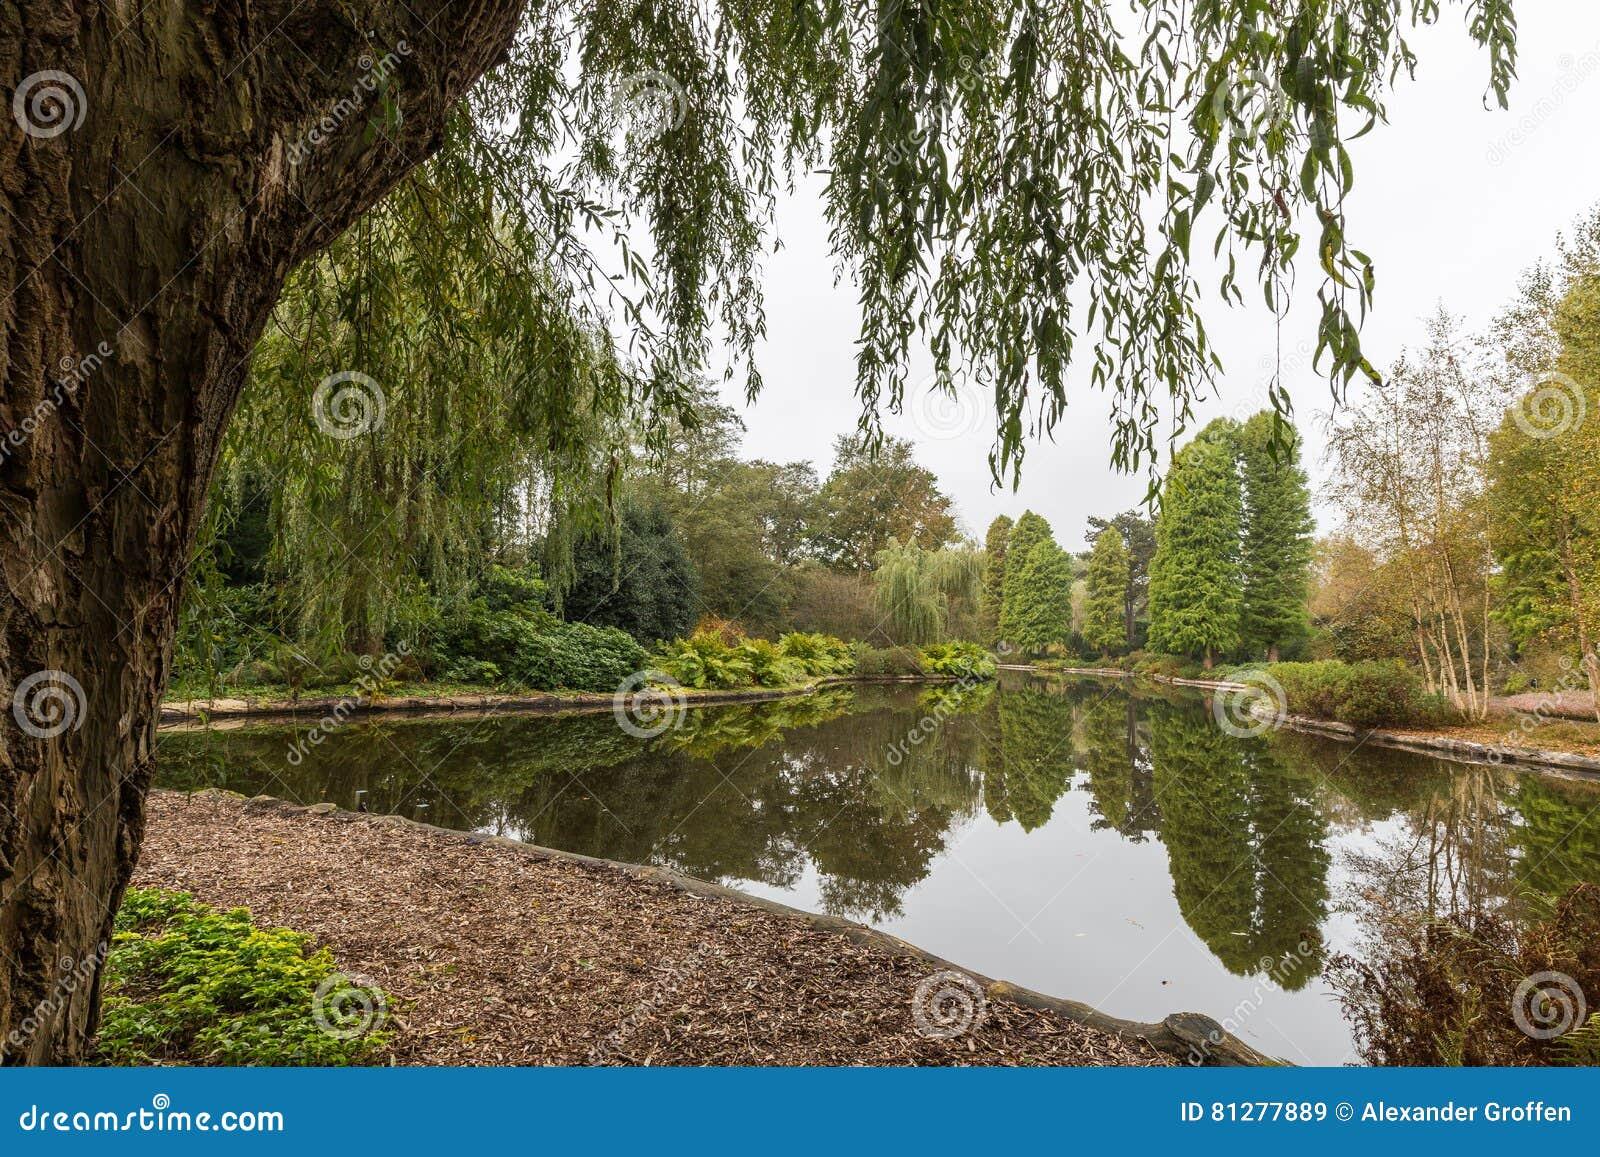 Visión Escénica Sobre Una Charca En Un Jardín Botánico Enmarcado Por ...